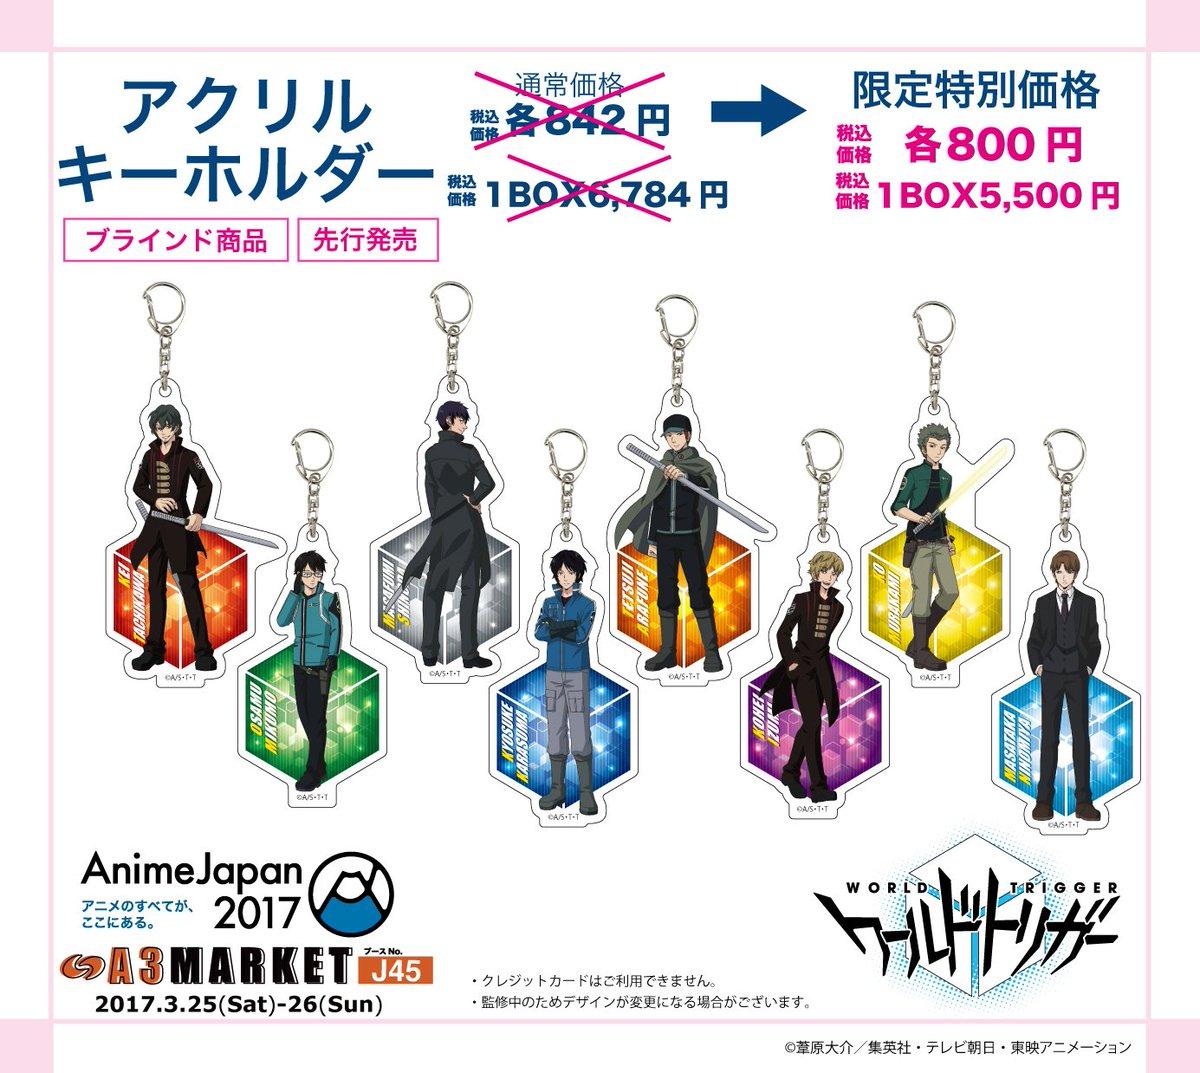 【東6ホール J45】明日から開催のAnimeJapan にて「ワールドトリガー」の商品が特別限定価格で販売致します!ぜ